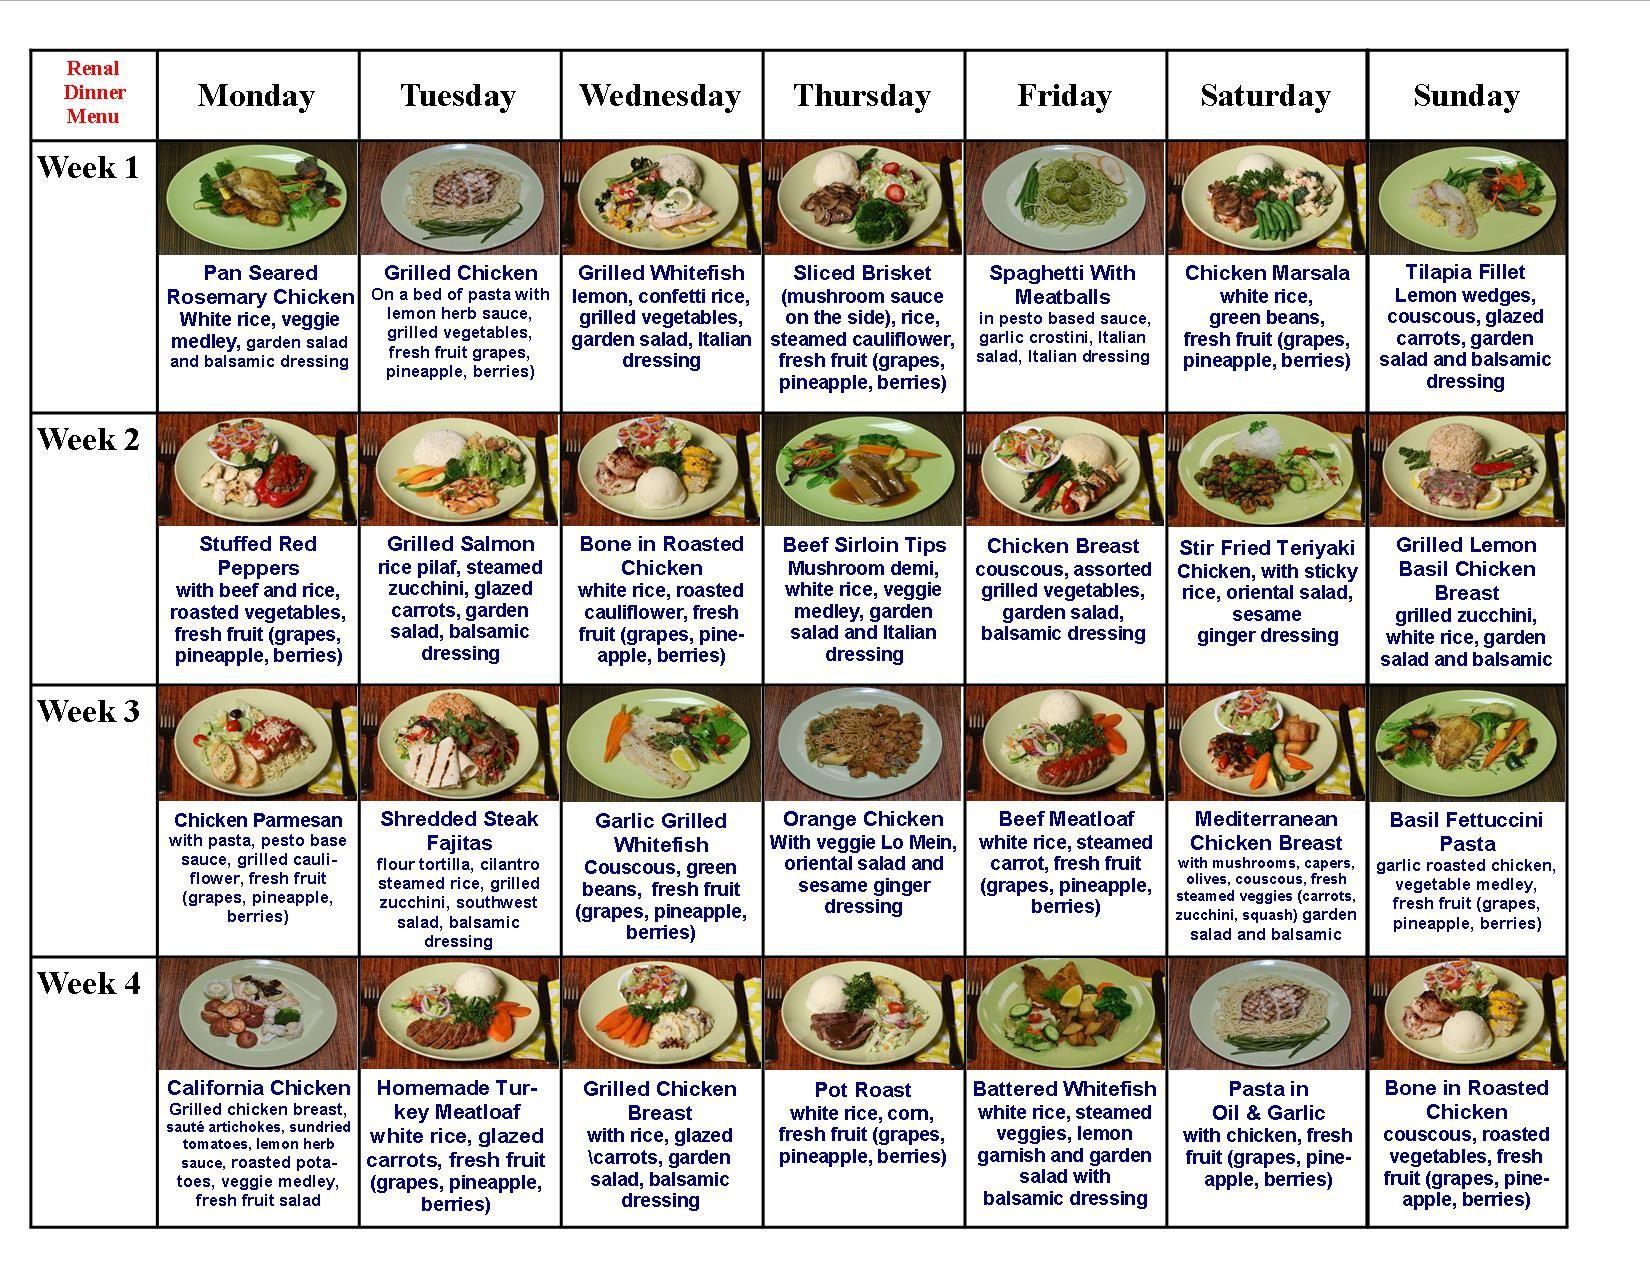 Diabetic Meal Plans Diabetic Meals Renal Diet Foods Low Potassium Diet Renal Diet Recipes Low Potassium Diet Renal Diet